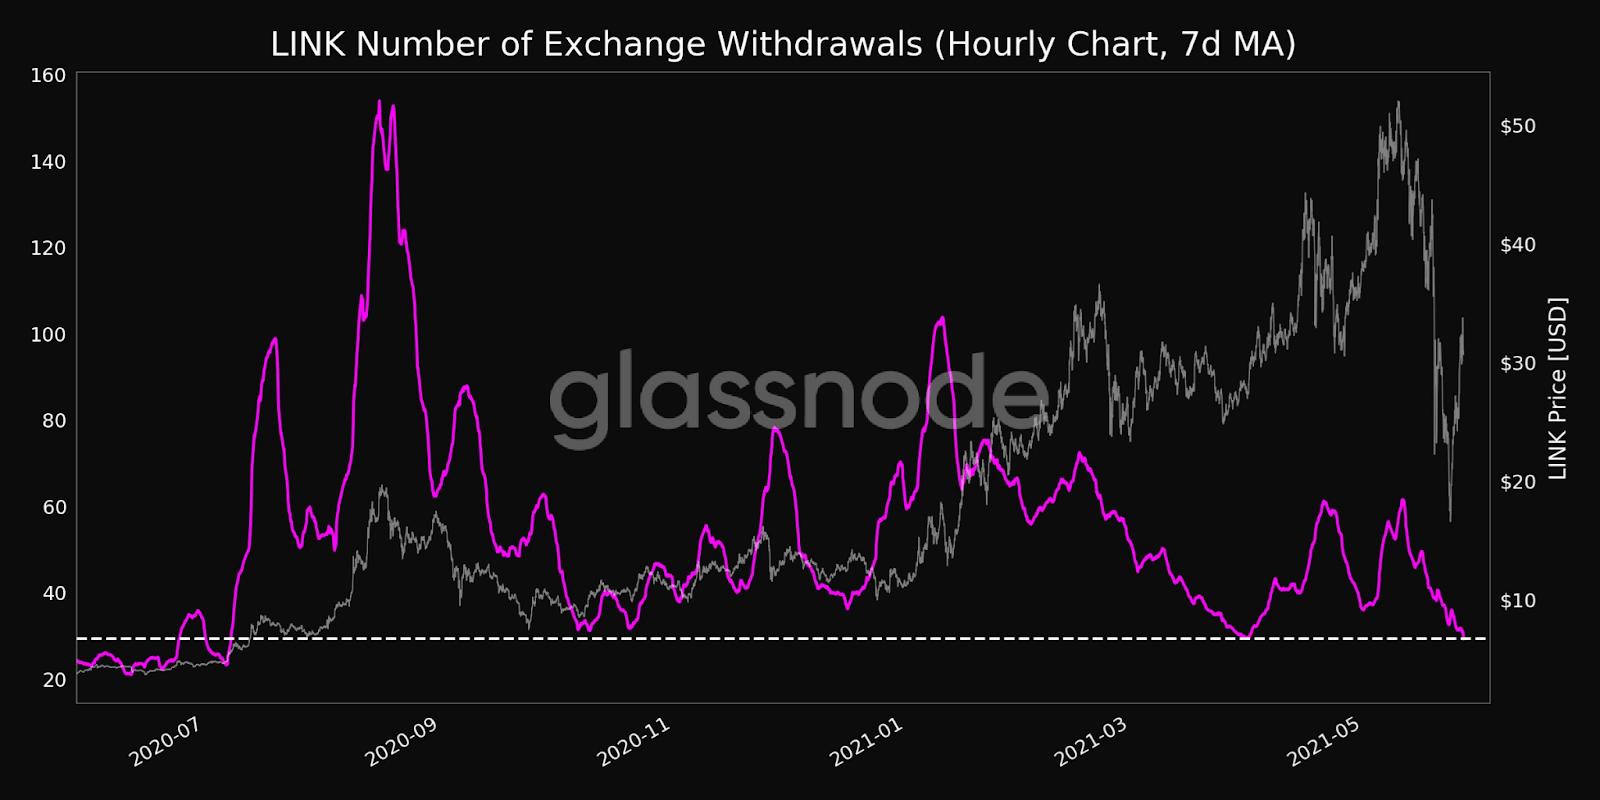 LINK Exchange Withdrawals Volume